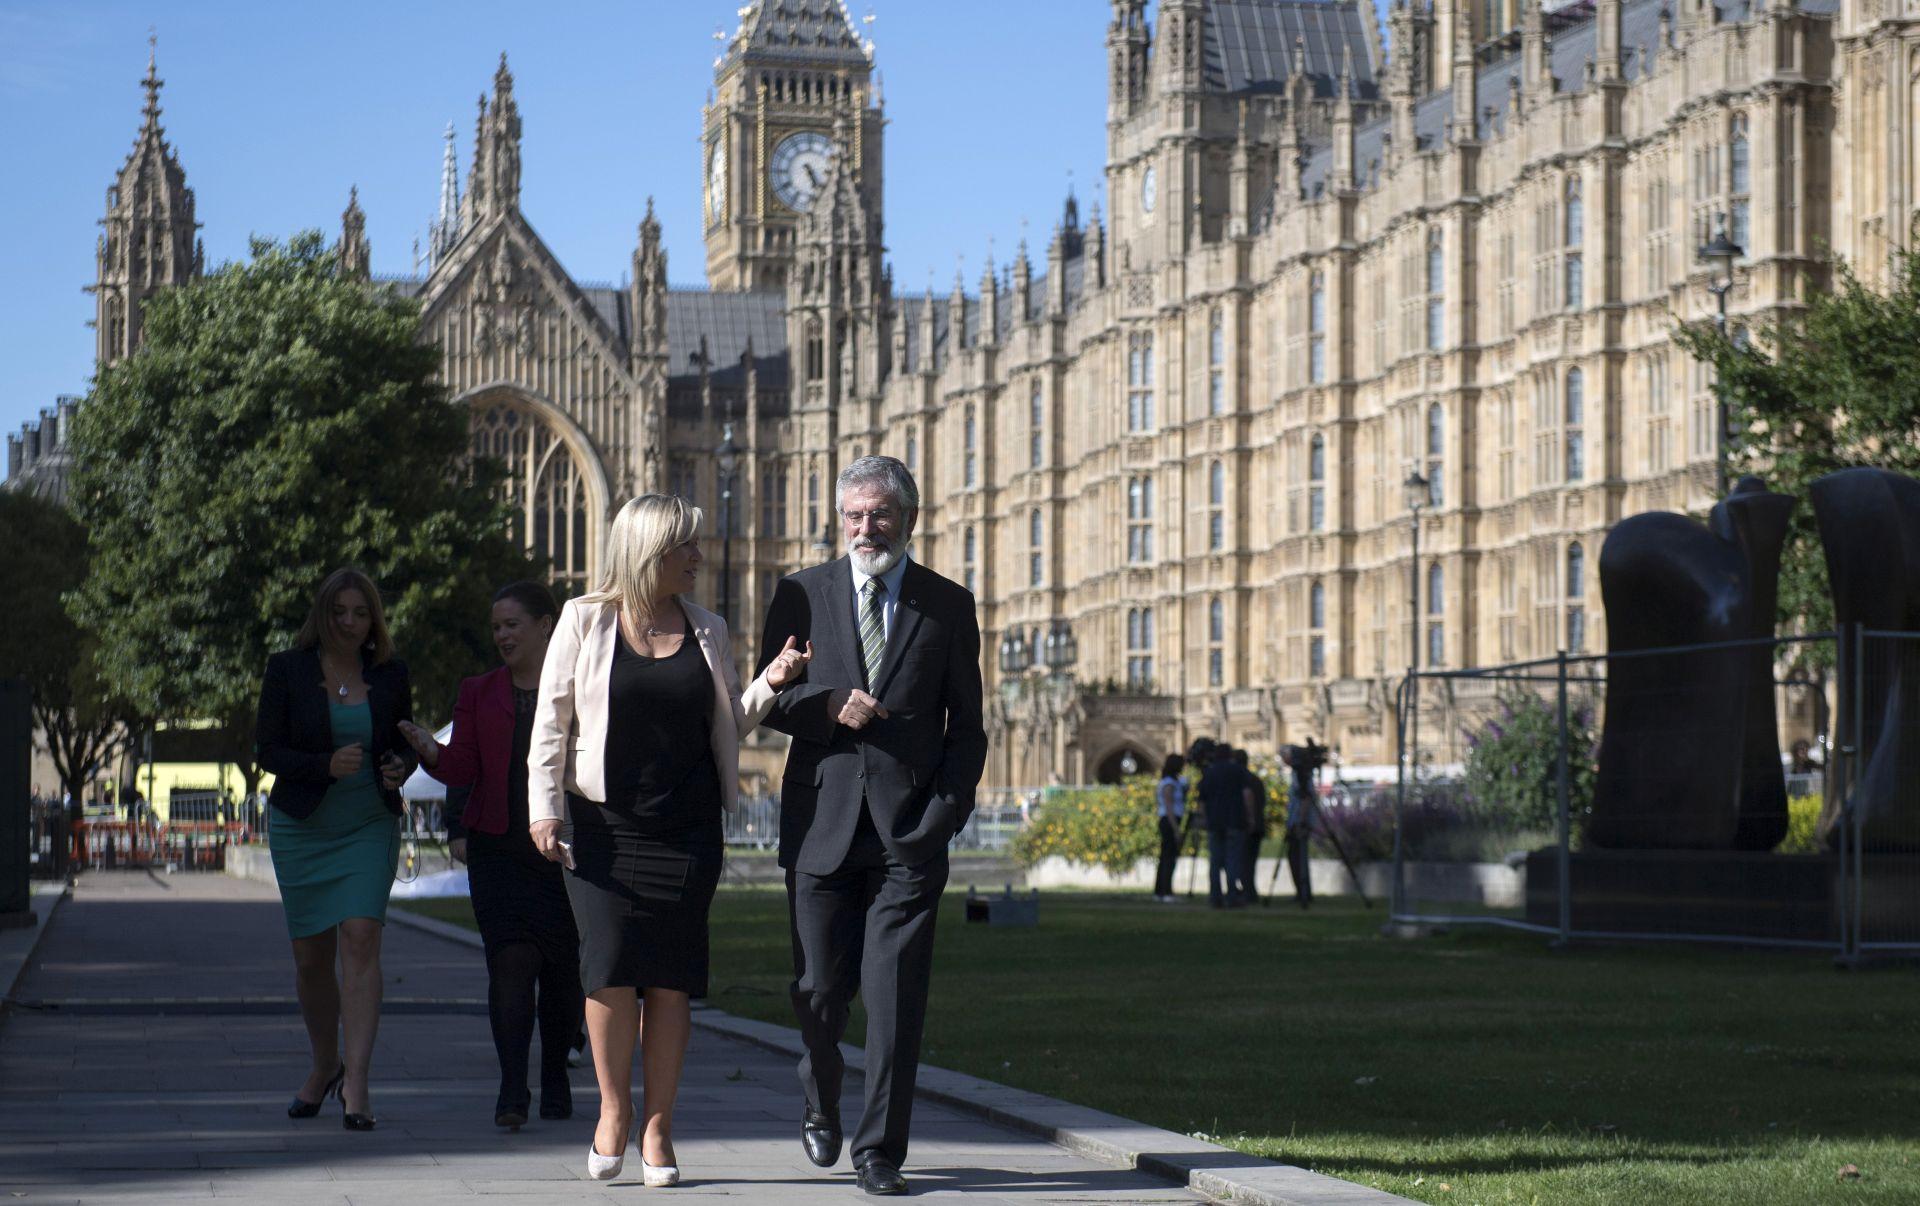 Britanska policija ispituje je li incident pred parlamentom bio teroristički